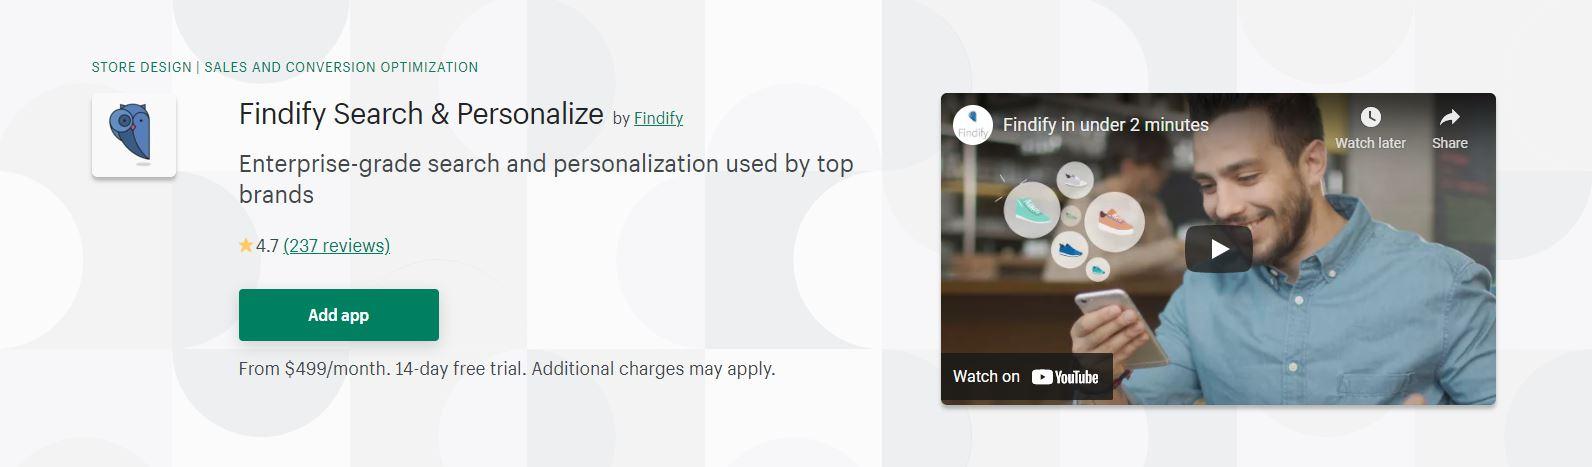 Shopify search app